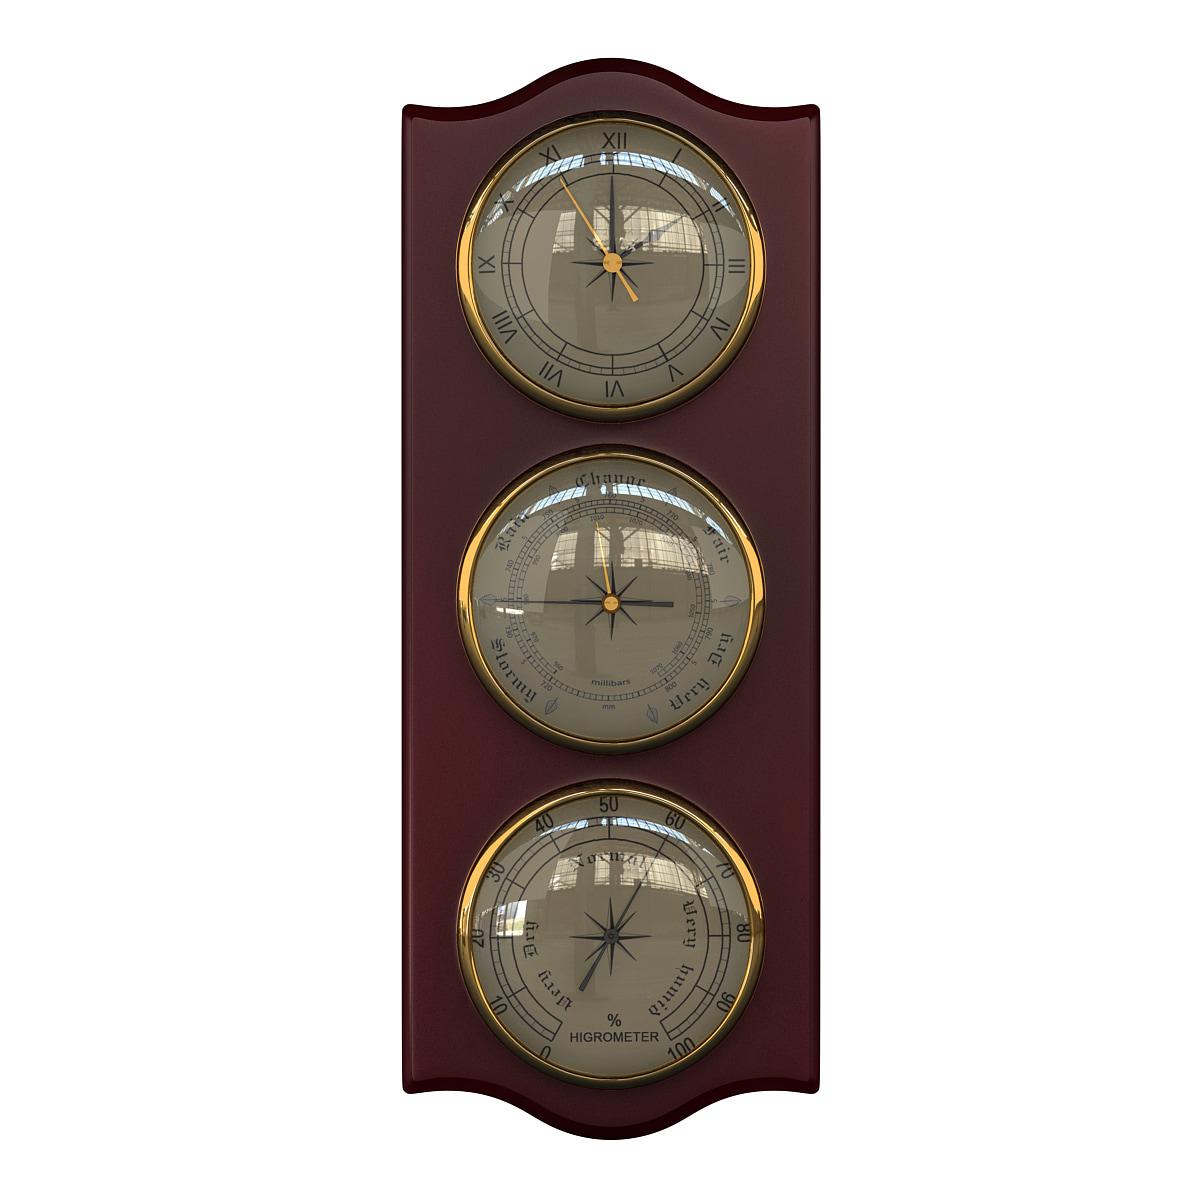 Barometer_v2_001.jpg